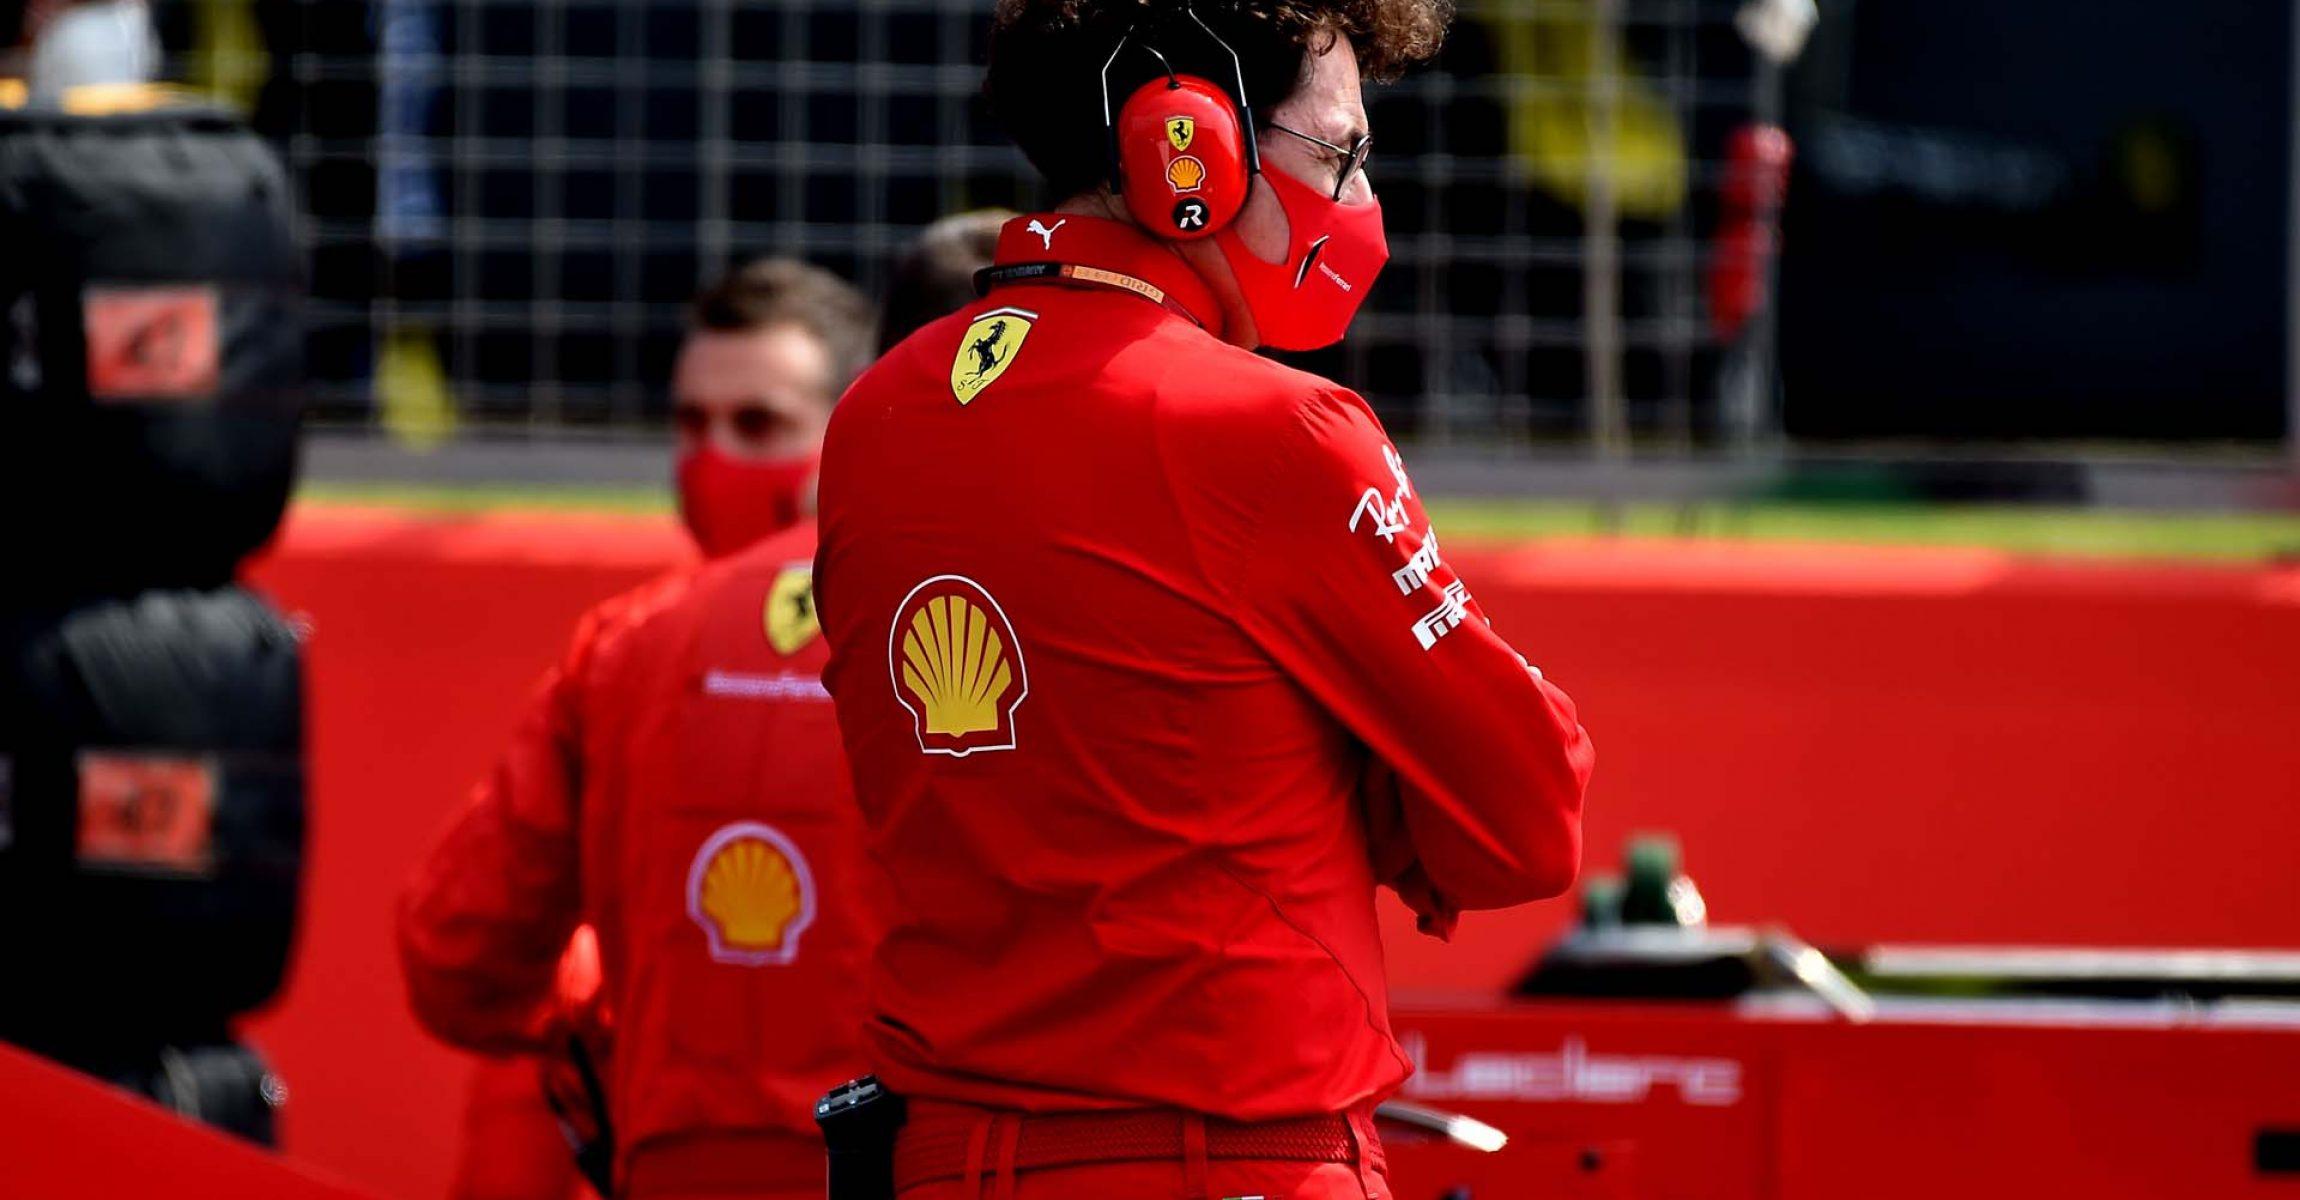 GP 70MO ANNIVERSARIO  F1/2020 -  DOMENICA 09/08/2020  credit: @Scuderia Ferrari Press Office Mattia Binotto